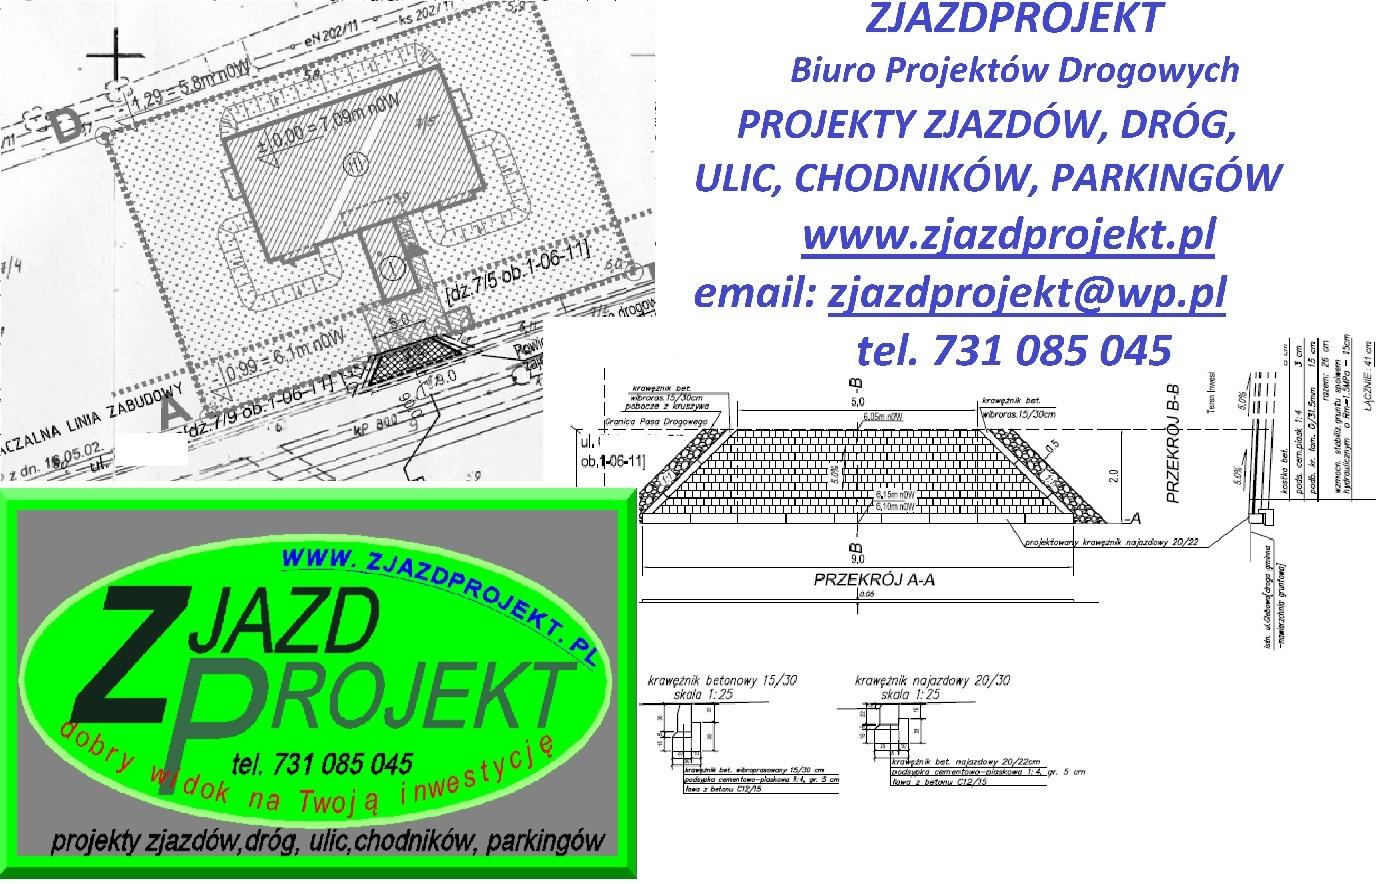 Wspólne Projekt zjazdu z drogi - ZJAZDPROJEKT-projekty drogi, chodnika  #XX-35